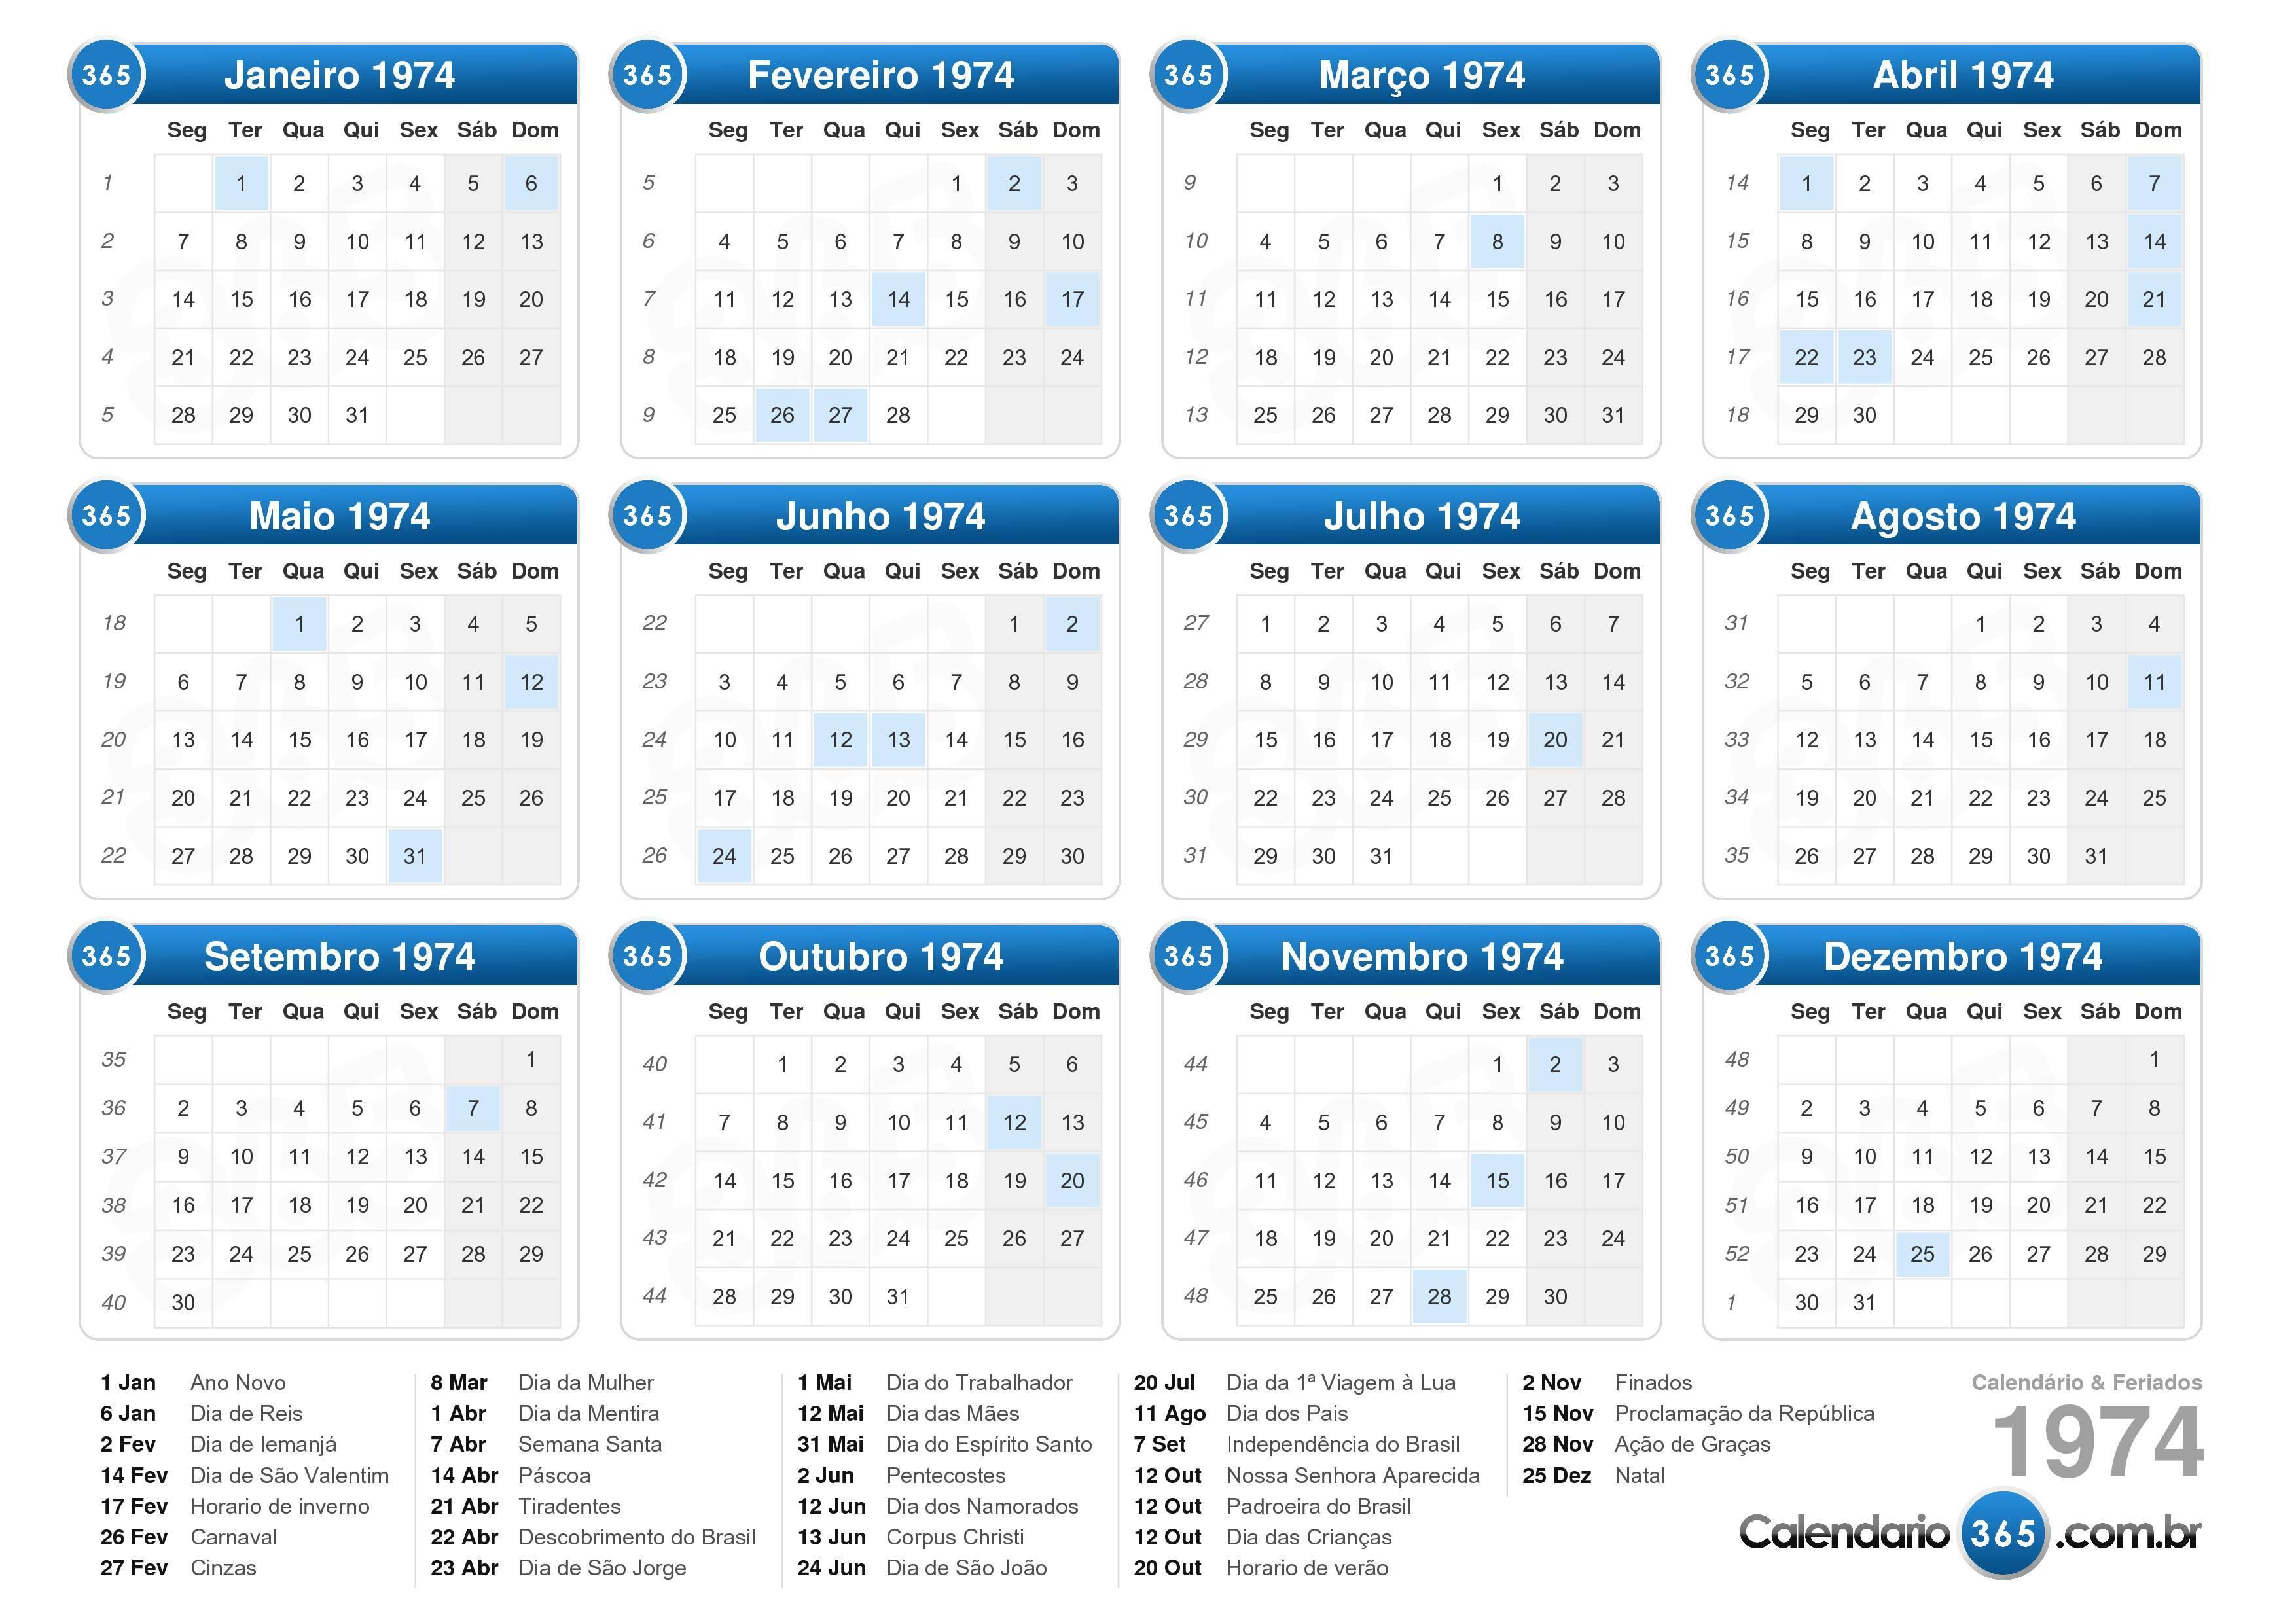 Calendario 1974.Calendario 1974